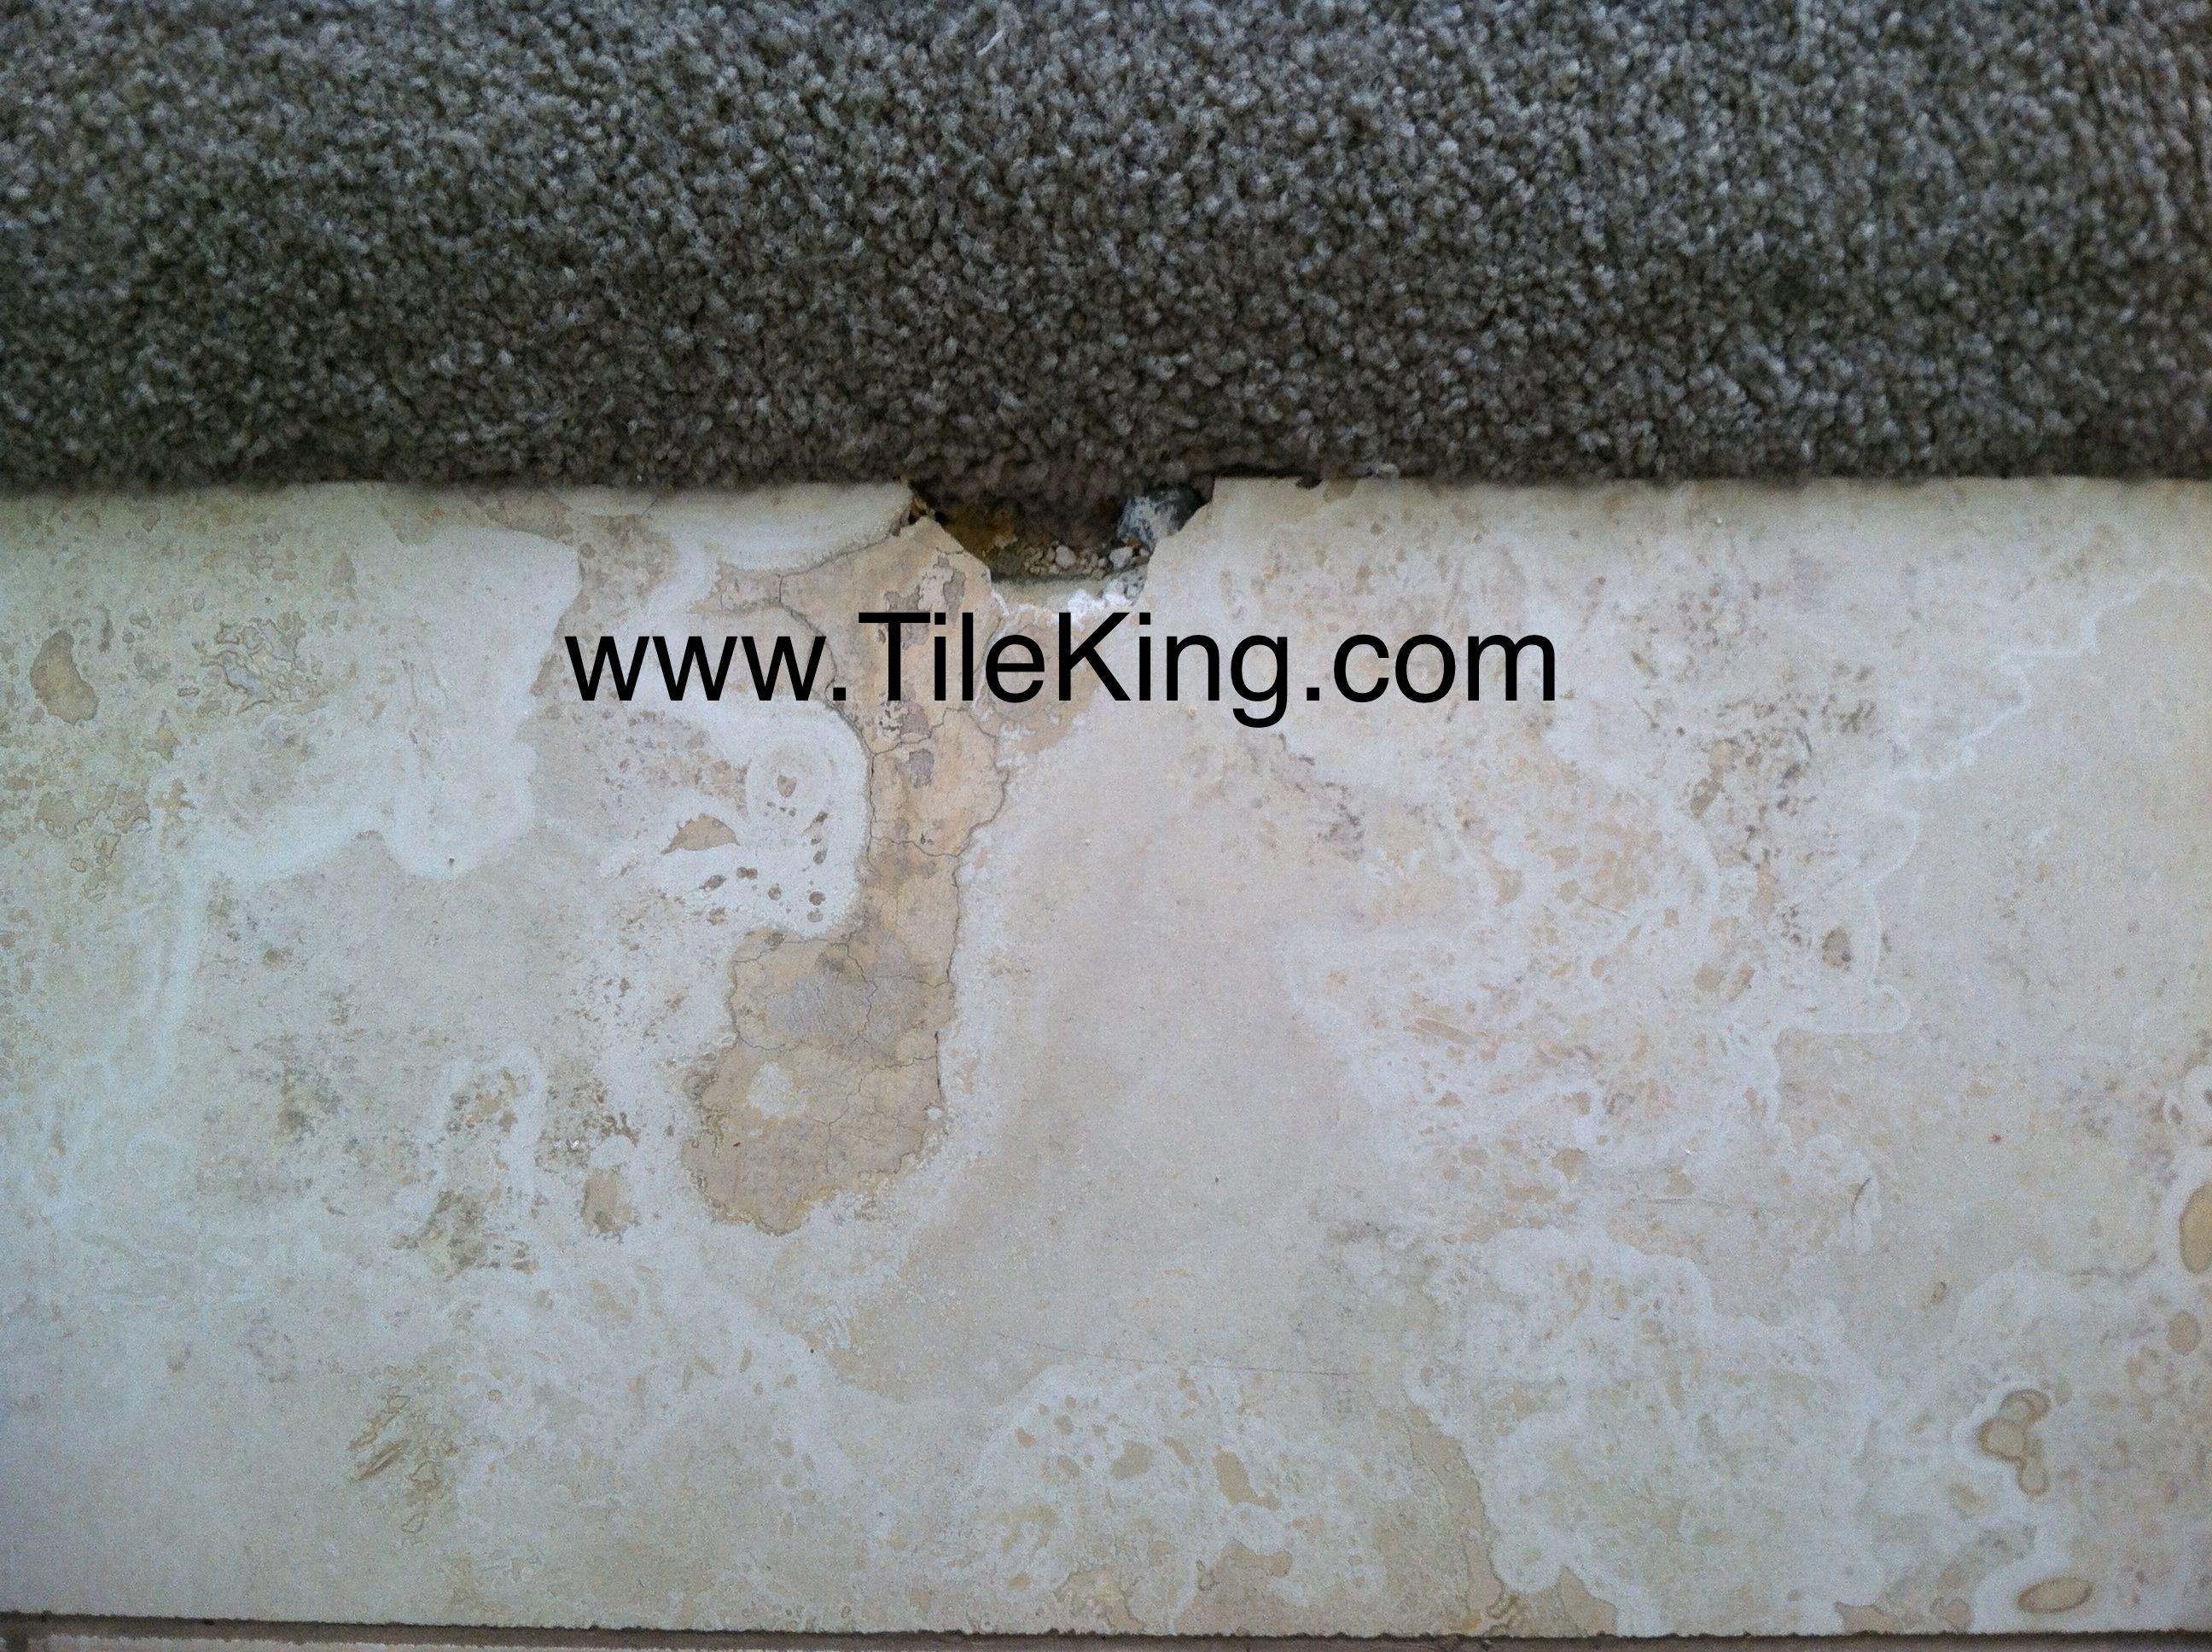 travertine cracked and broken before repairs